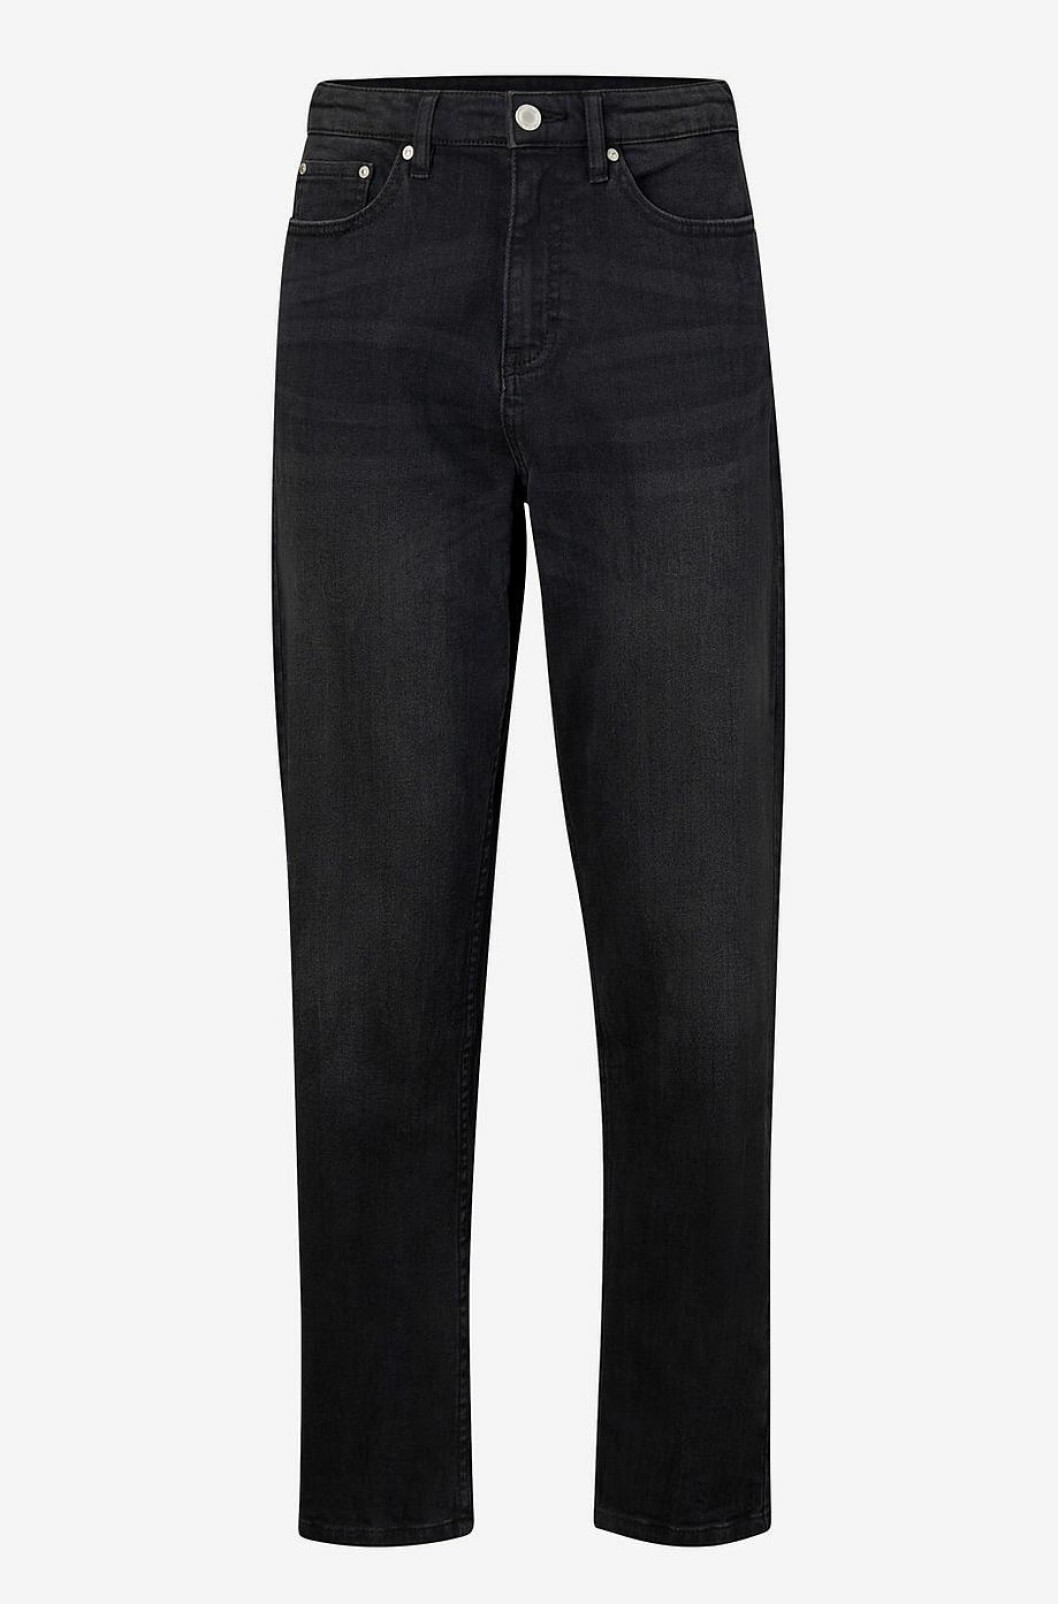 Svarta jeans från hösten